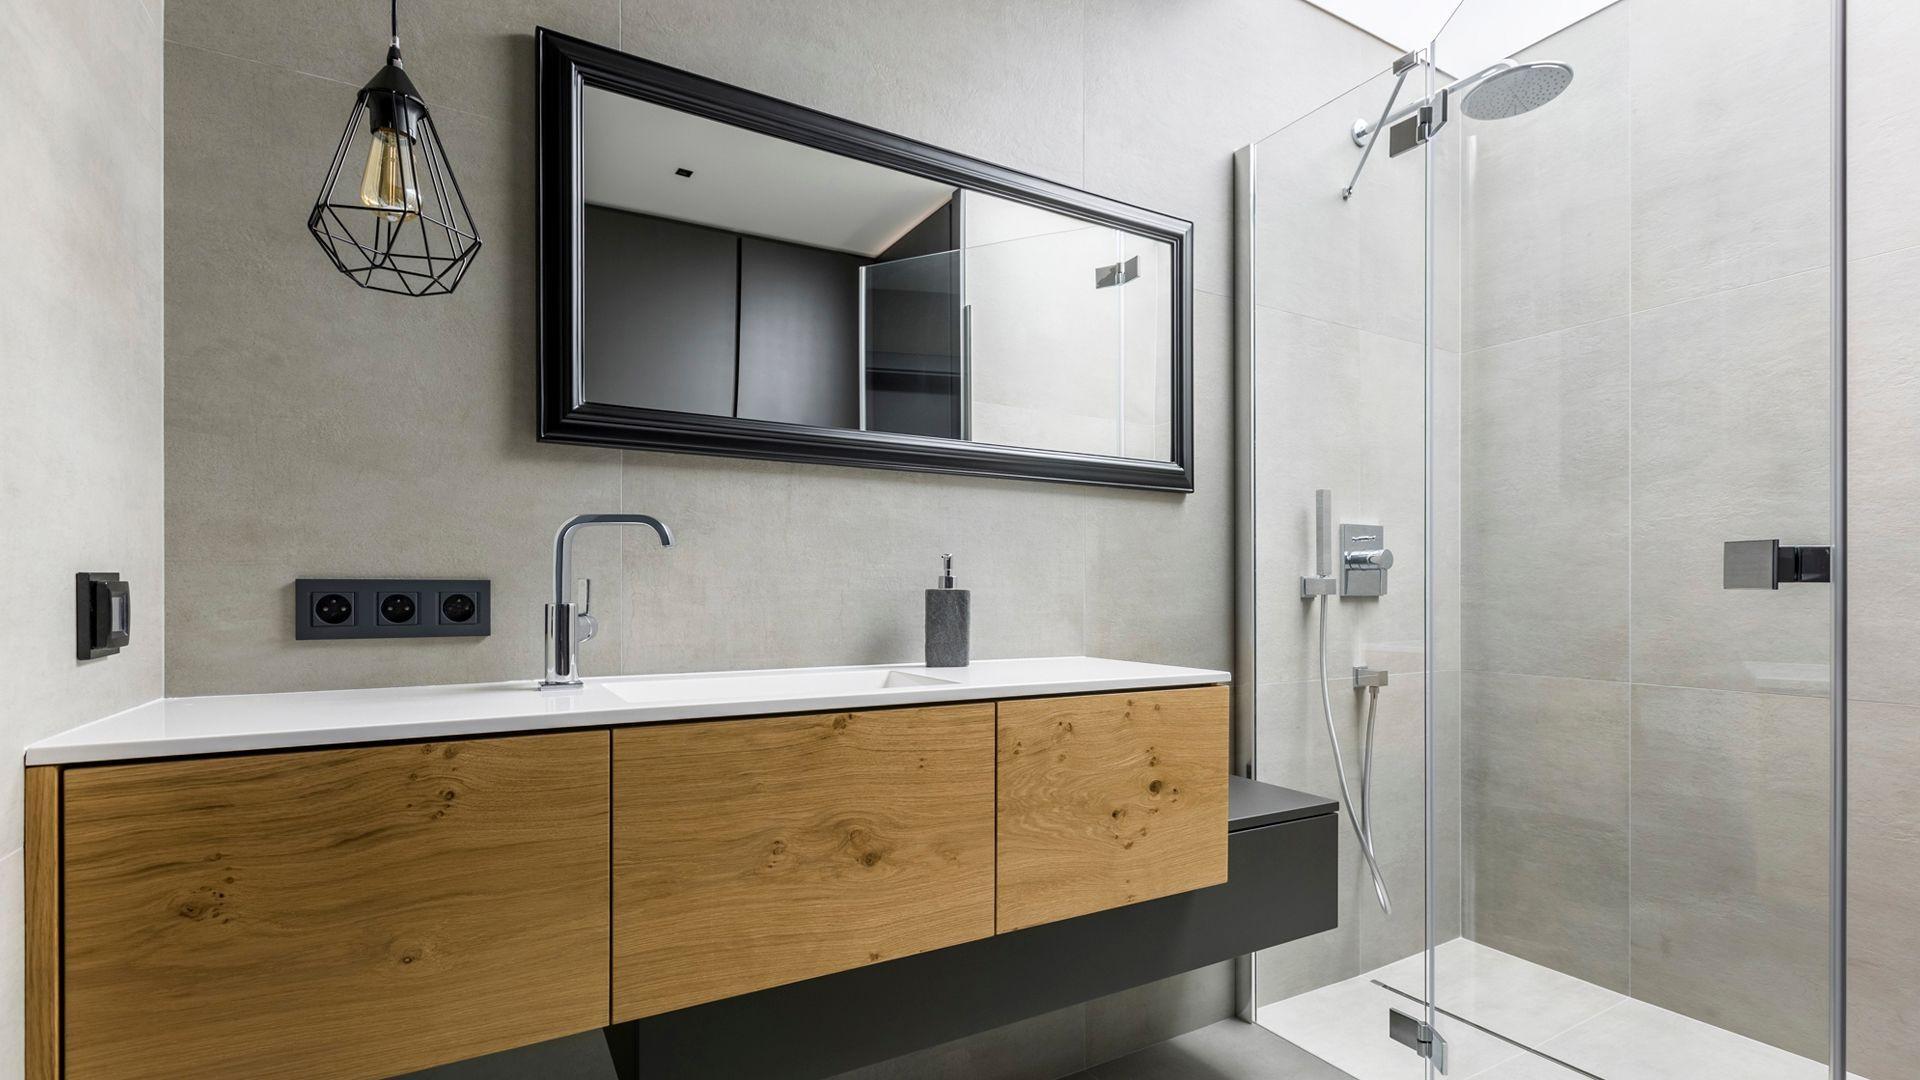 Reformas integrales de cuartos de baño en la Comunidad de Madrid